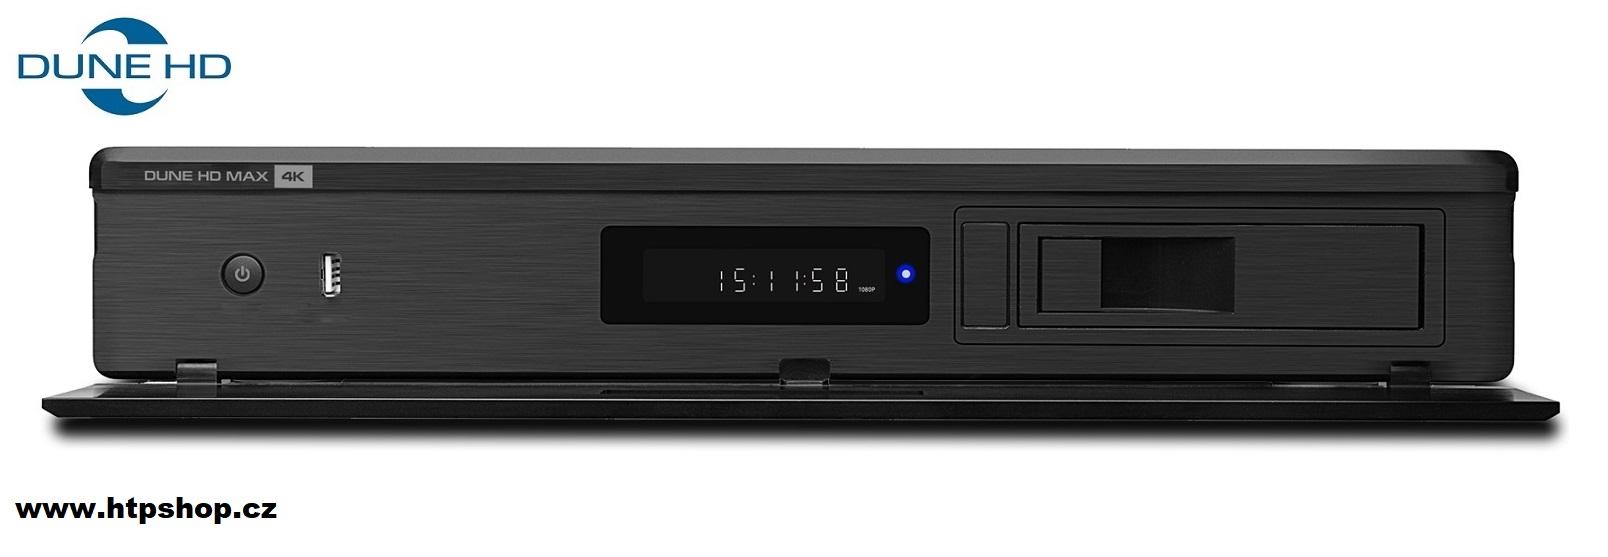 DUNE HD - MAX 4K